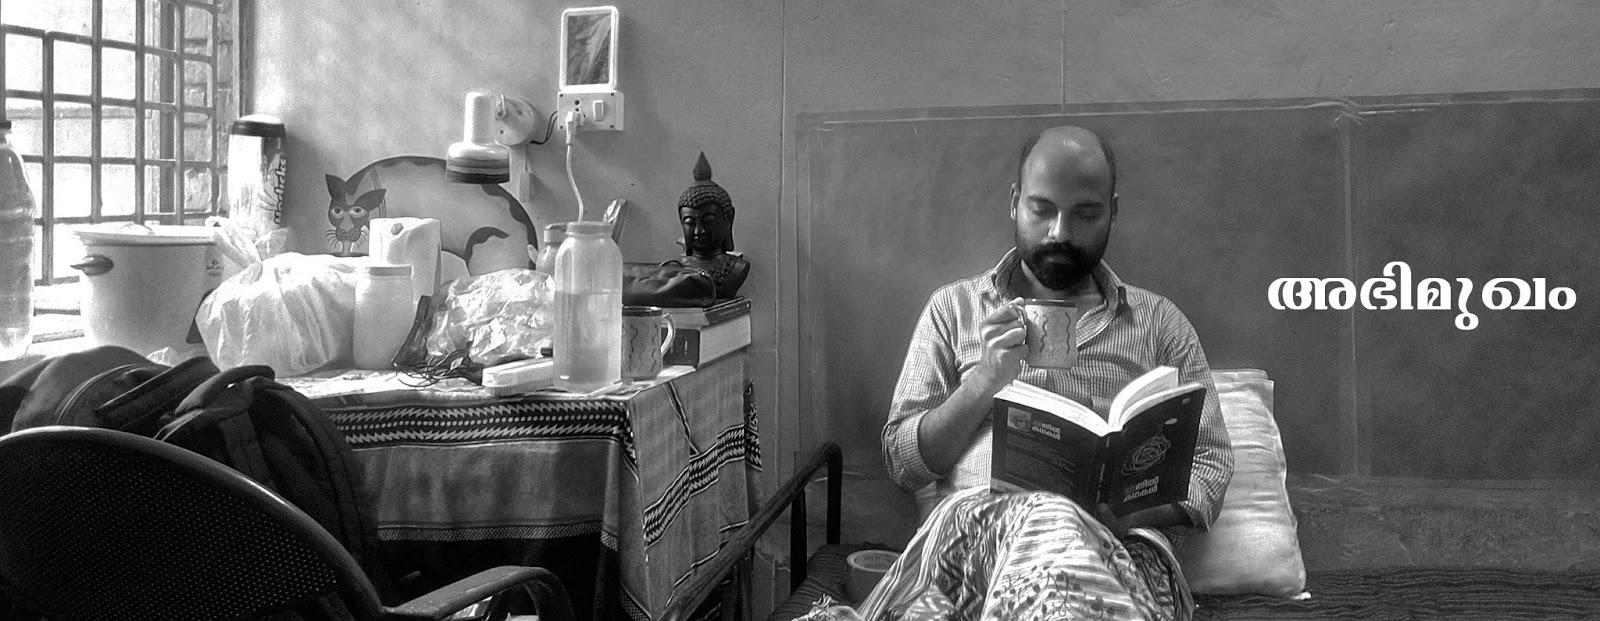 അഭിമുഖം — സുധീഷ് കോട്ടേമ്പ്രം